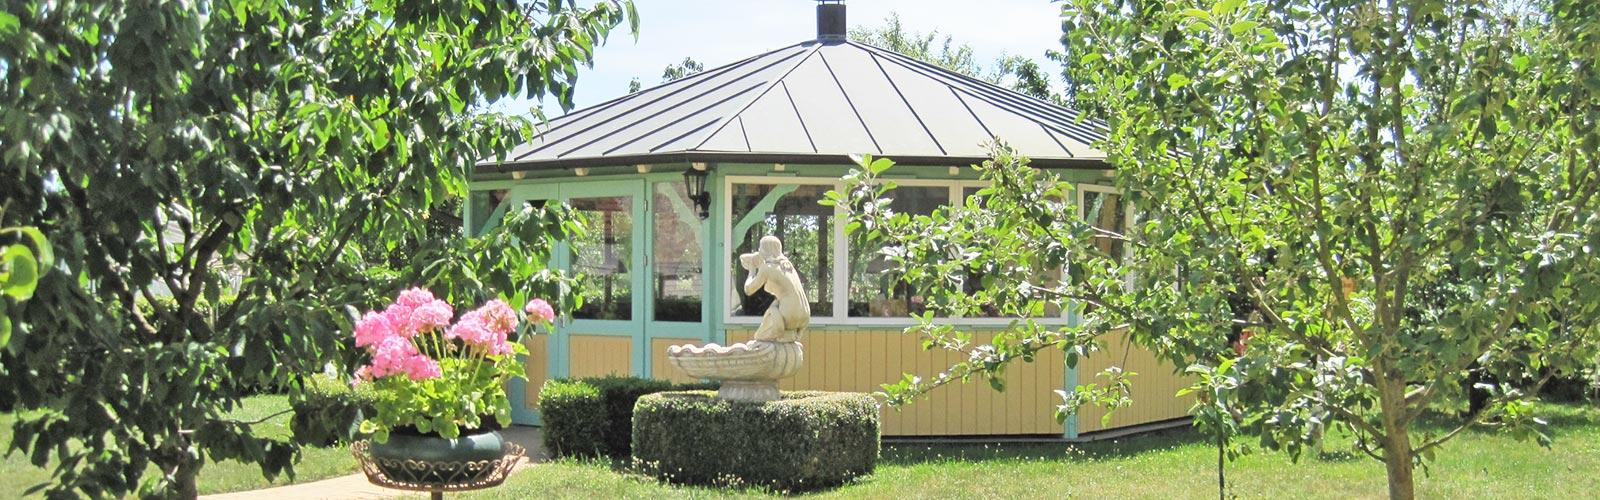 Der Pavillon im Außenbereich des Ruhesitz Golzows